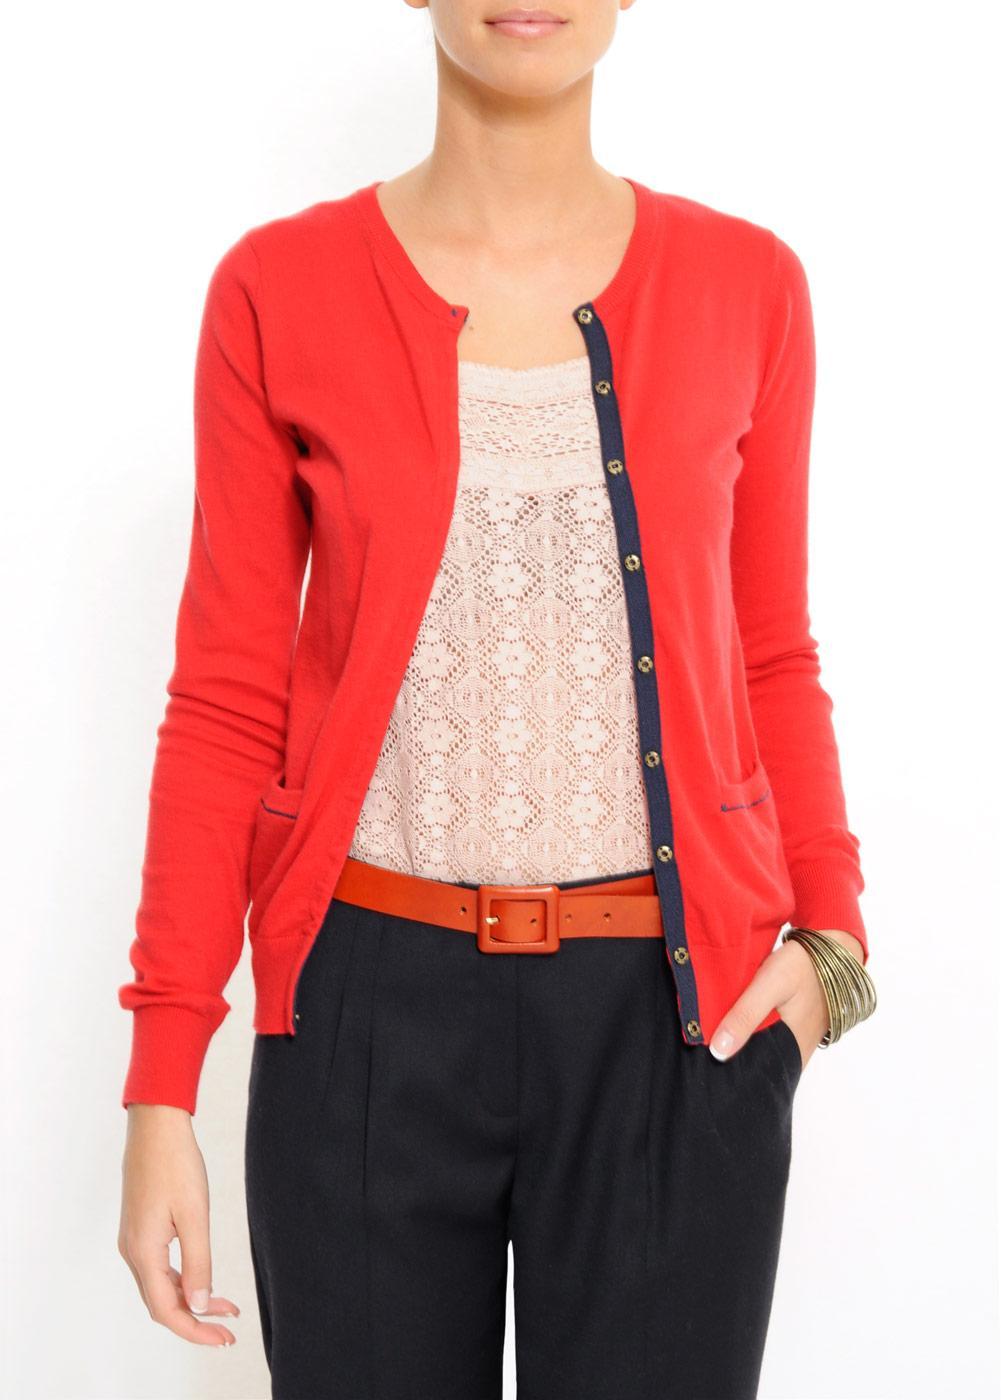 czerwony sweter Mango rozpinany - kolekcja wiosenno/letnia